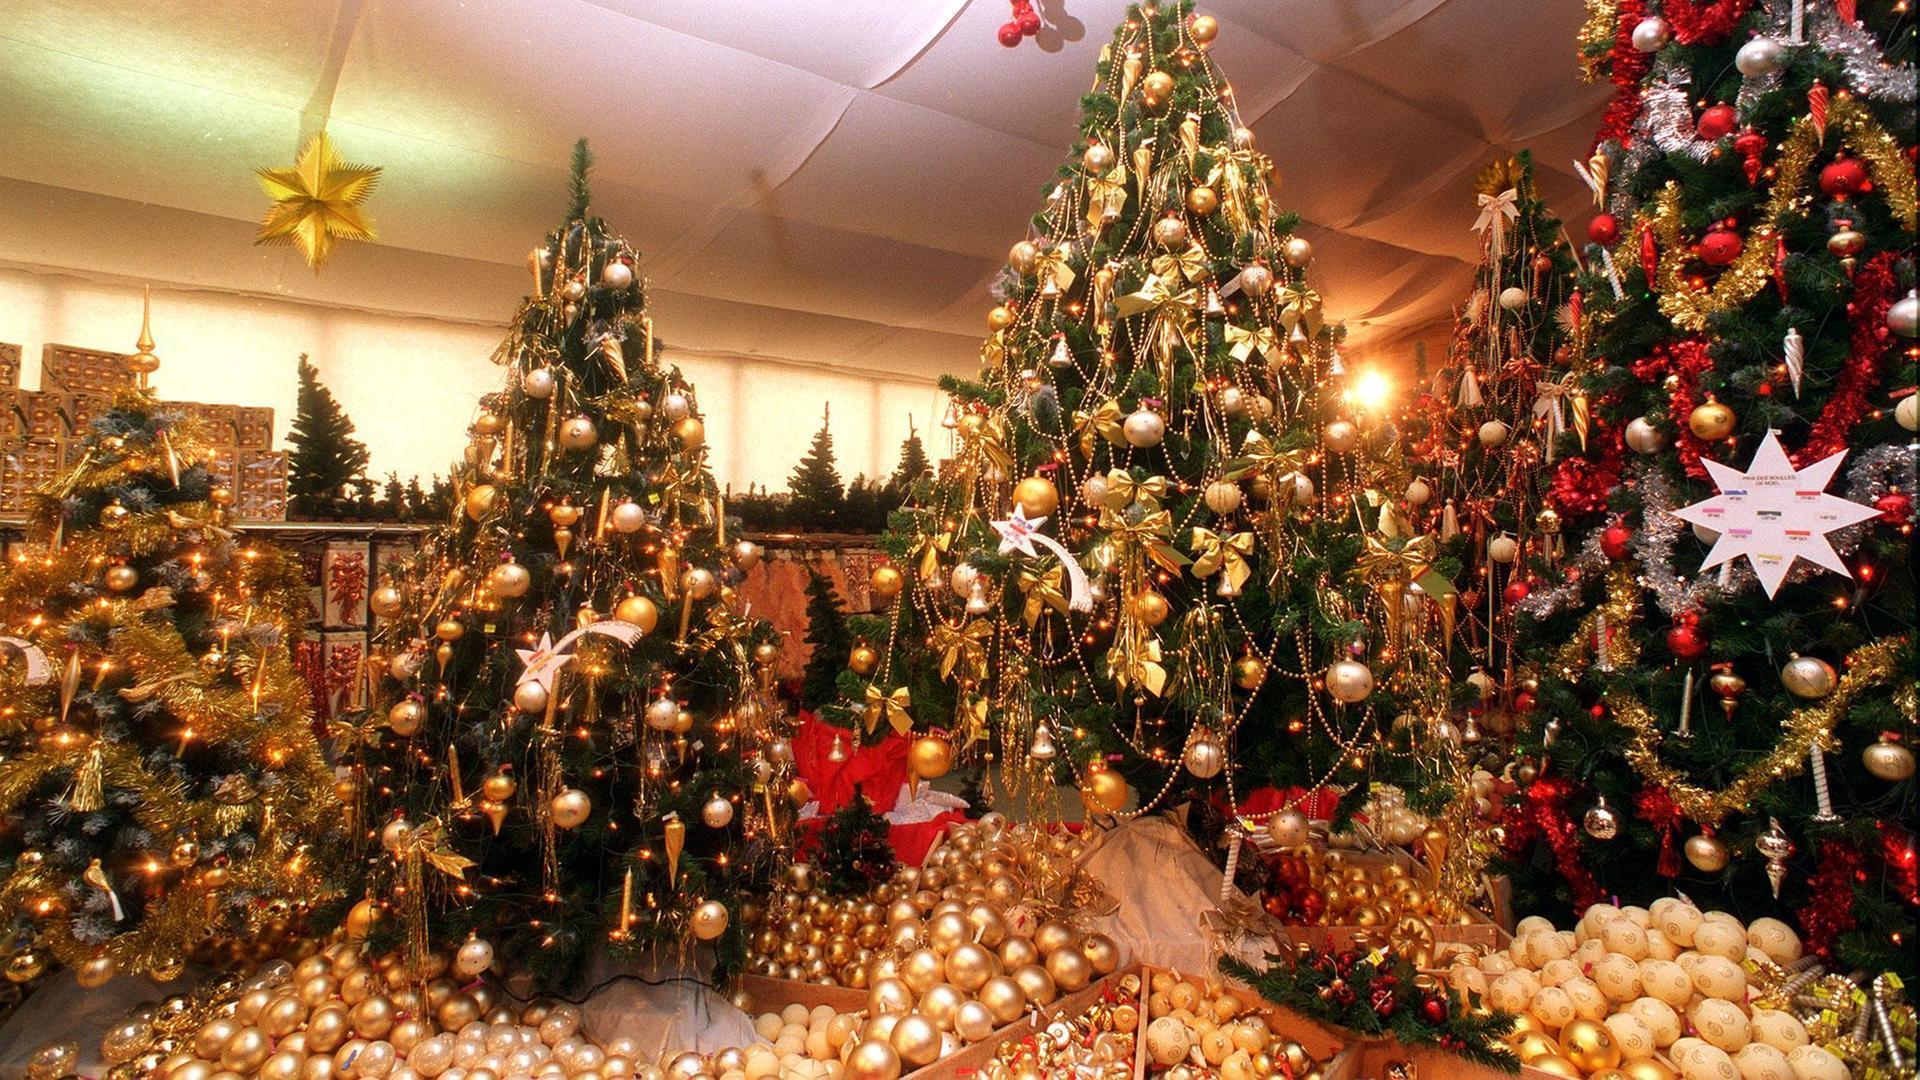 Wer Hat Den Tannenbaum Erfunden.Wer Hat Den Weihnachtsbaum Erfunden Zdfmediathek